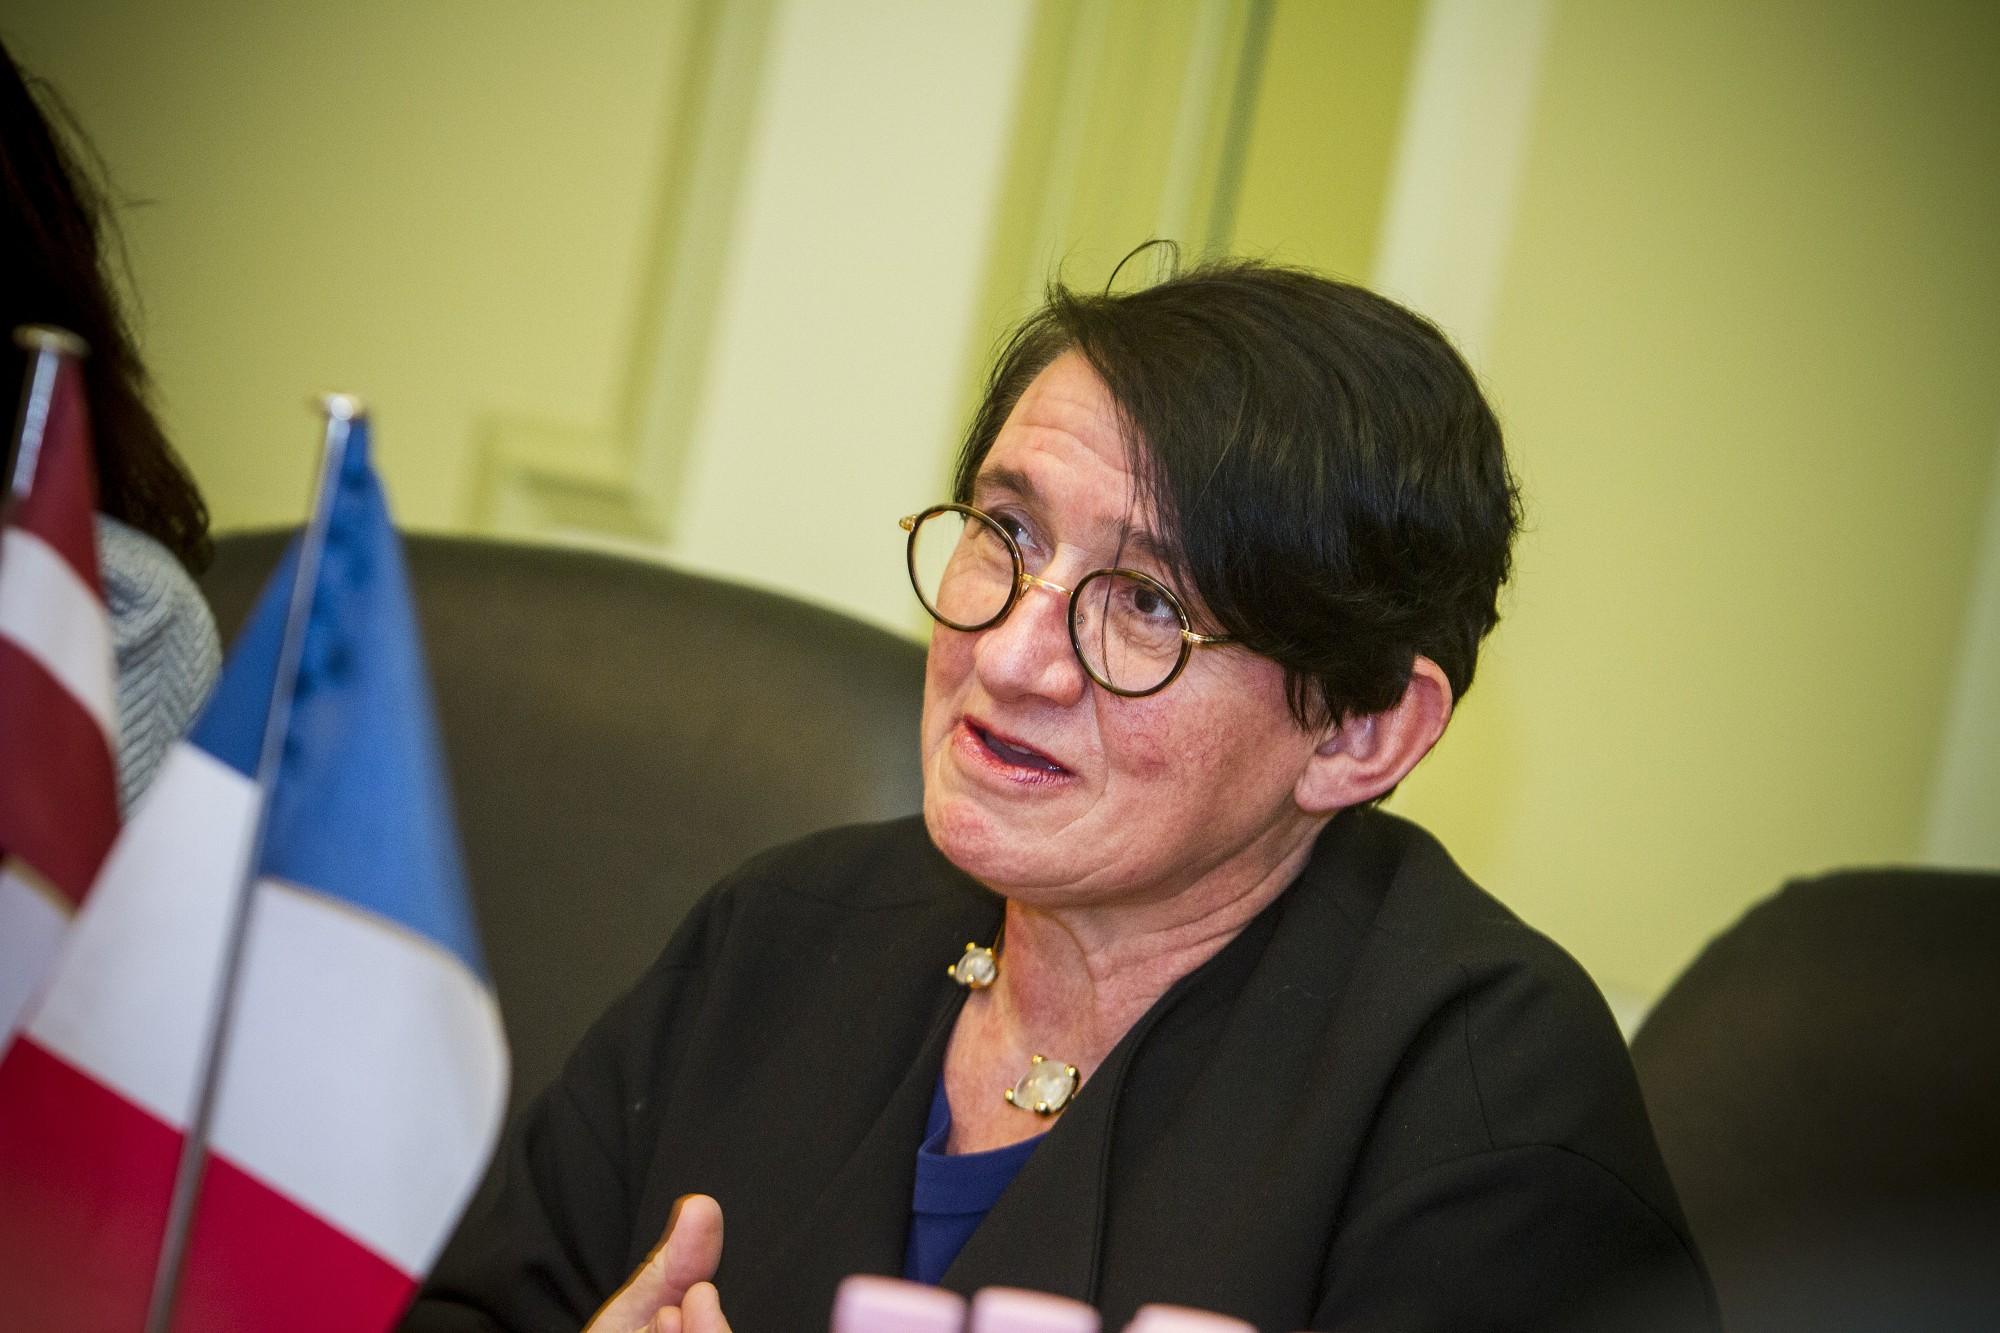 Liepāju darba vizītē apmeklē Francijas vēstniece Latvijā Odile Supizona